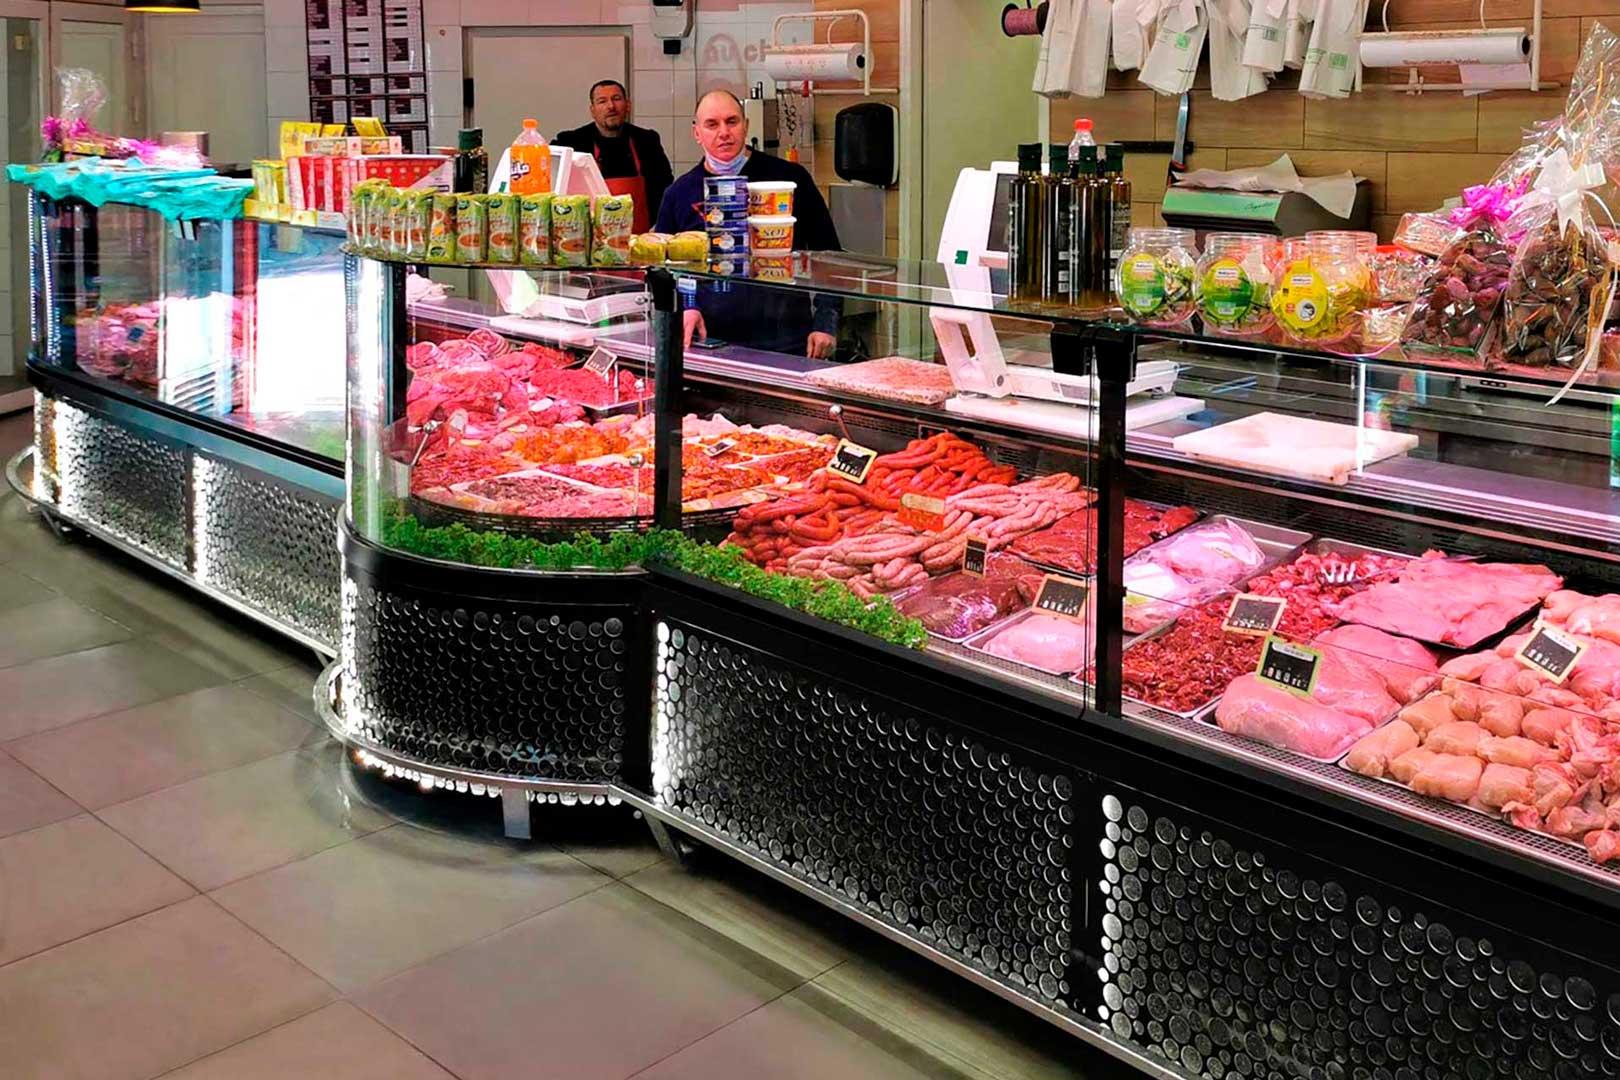 Холодильні вітрини Missouri MC 120 M, магазин L'AVENIR у Франції